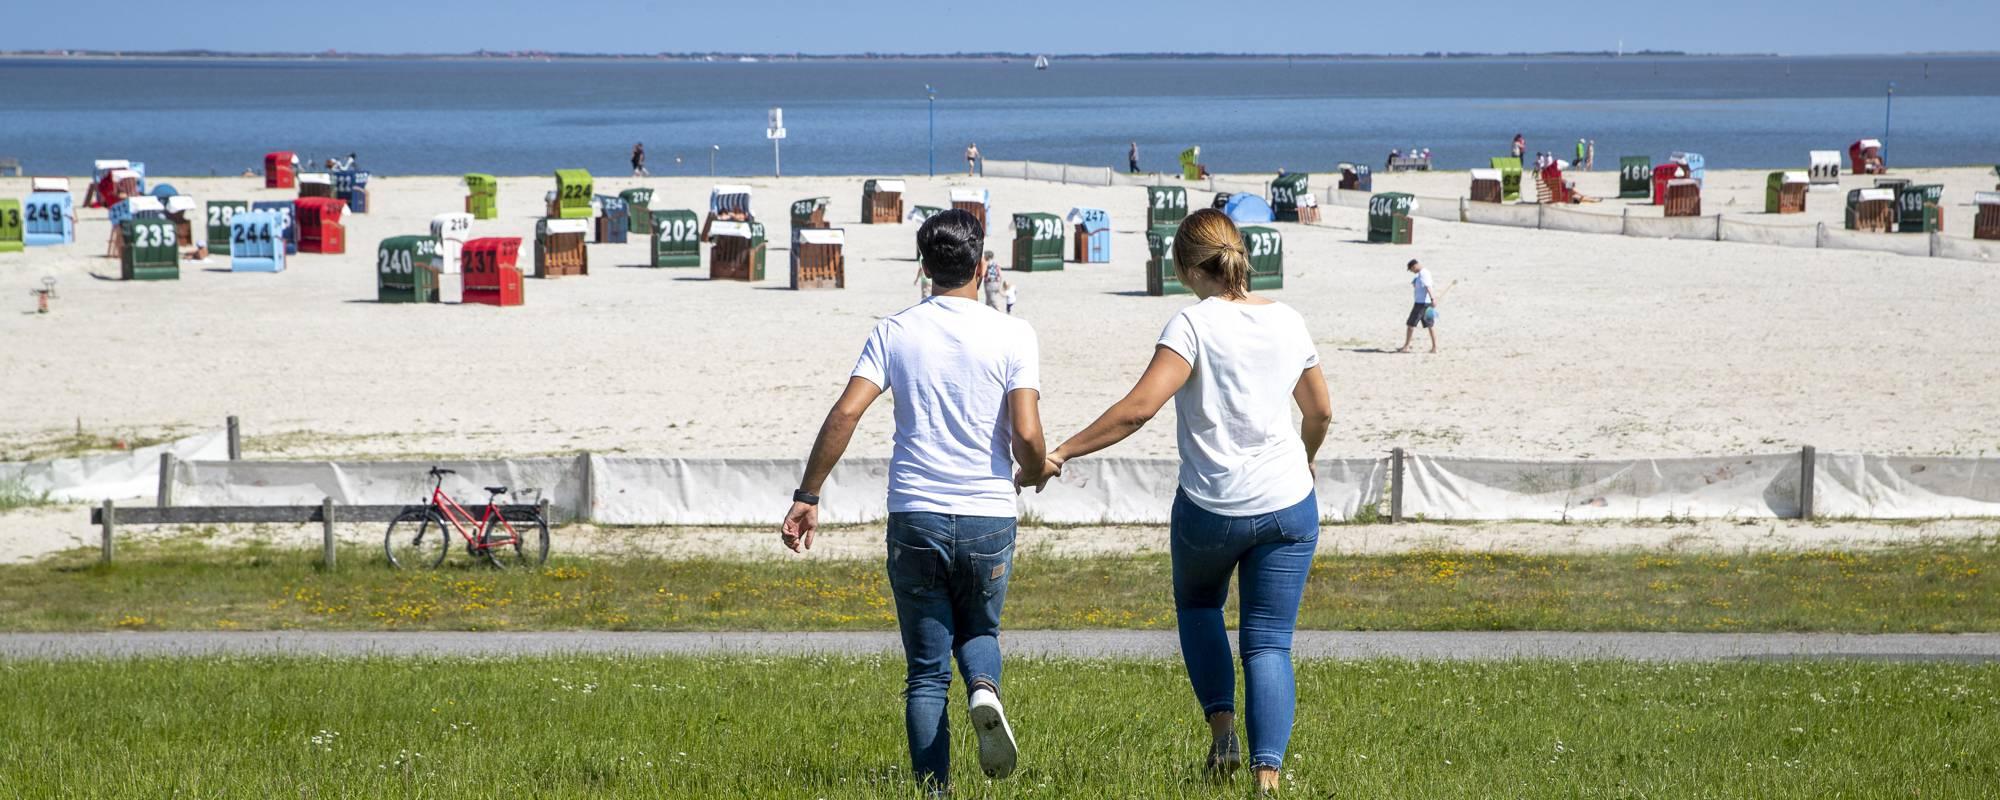 Nordseestrand Neuharlingersiel und Strandkörbe